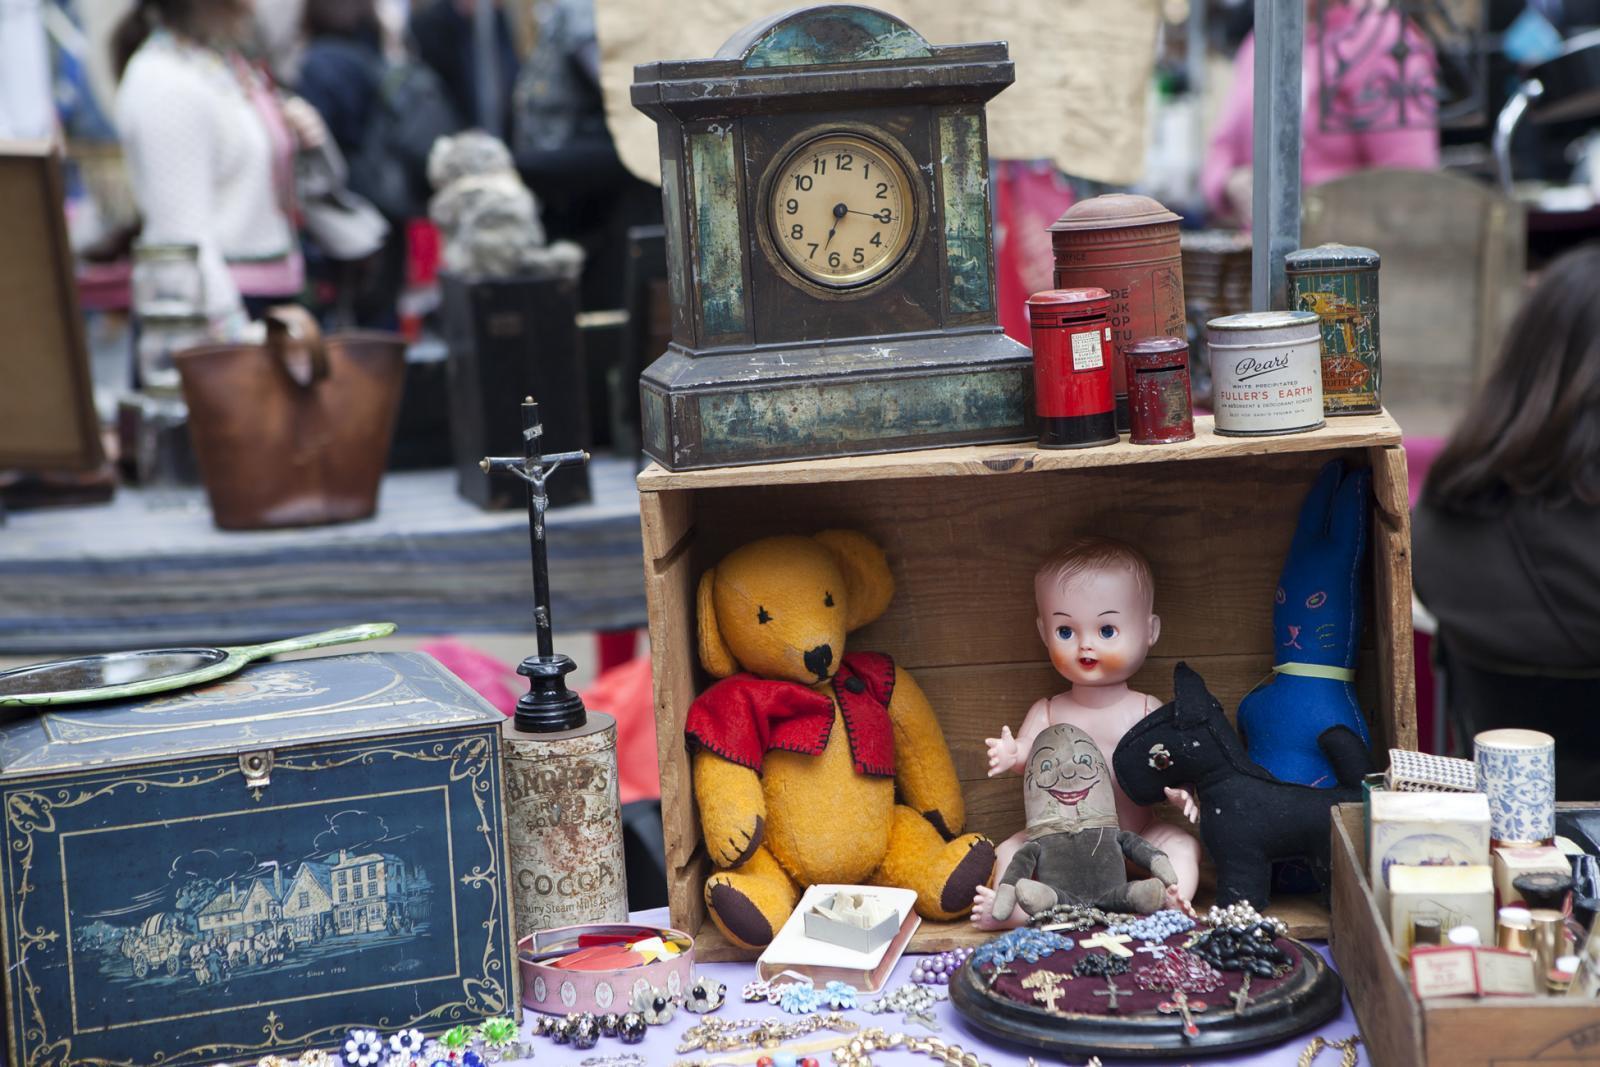 Antik Verkaufsstand am Greenwich Market